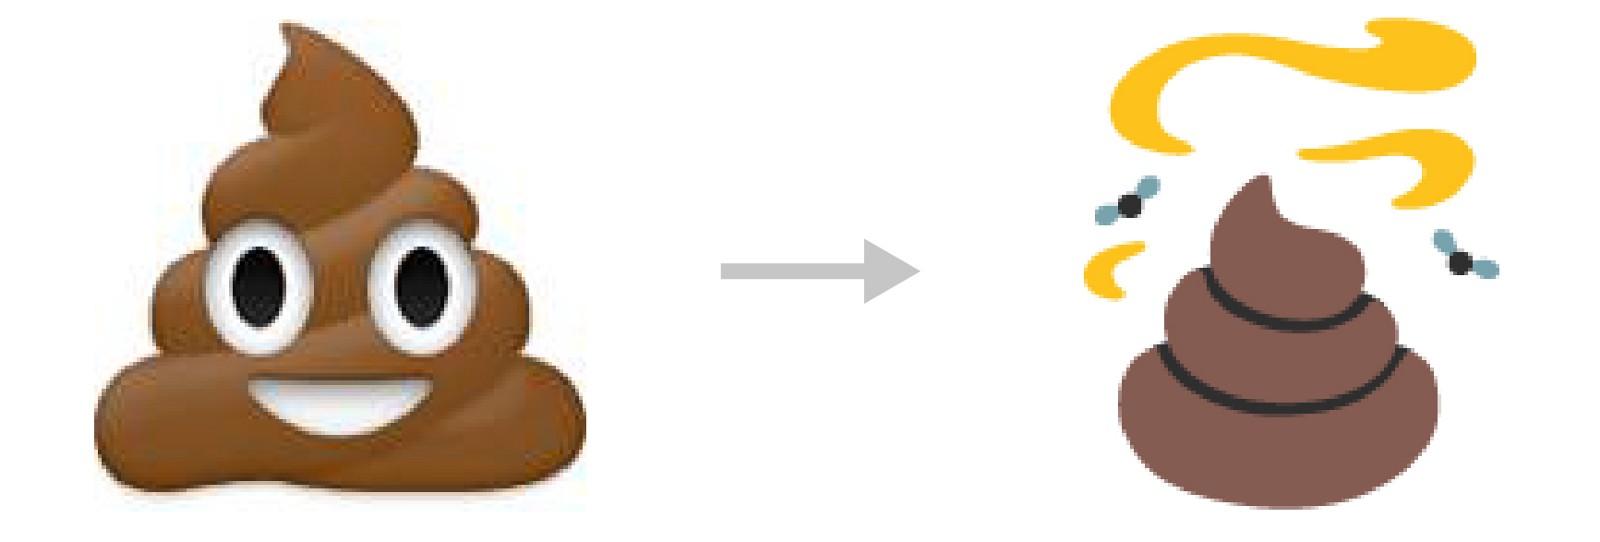 1600x542 Lost In Emoji Translation Apple Vs Android Matter Medium